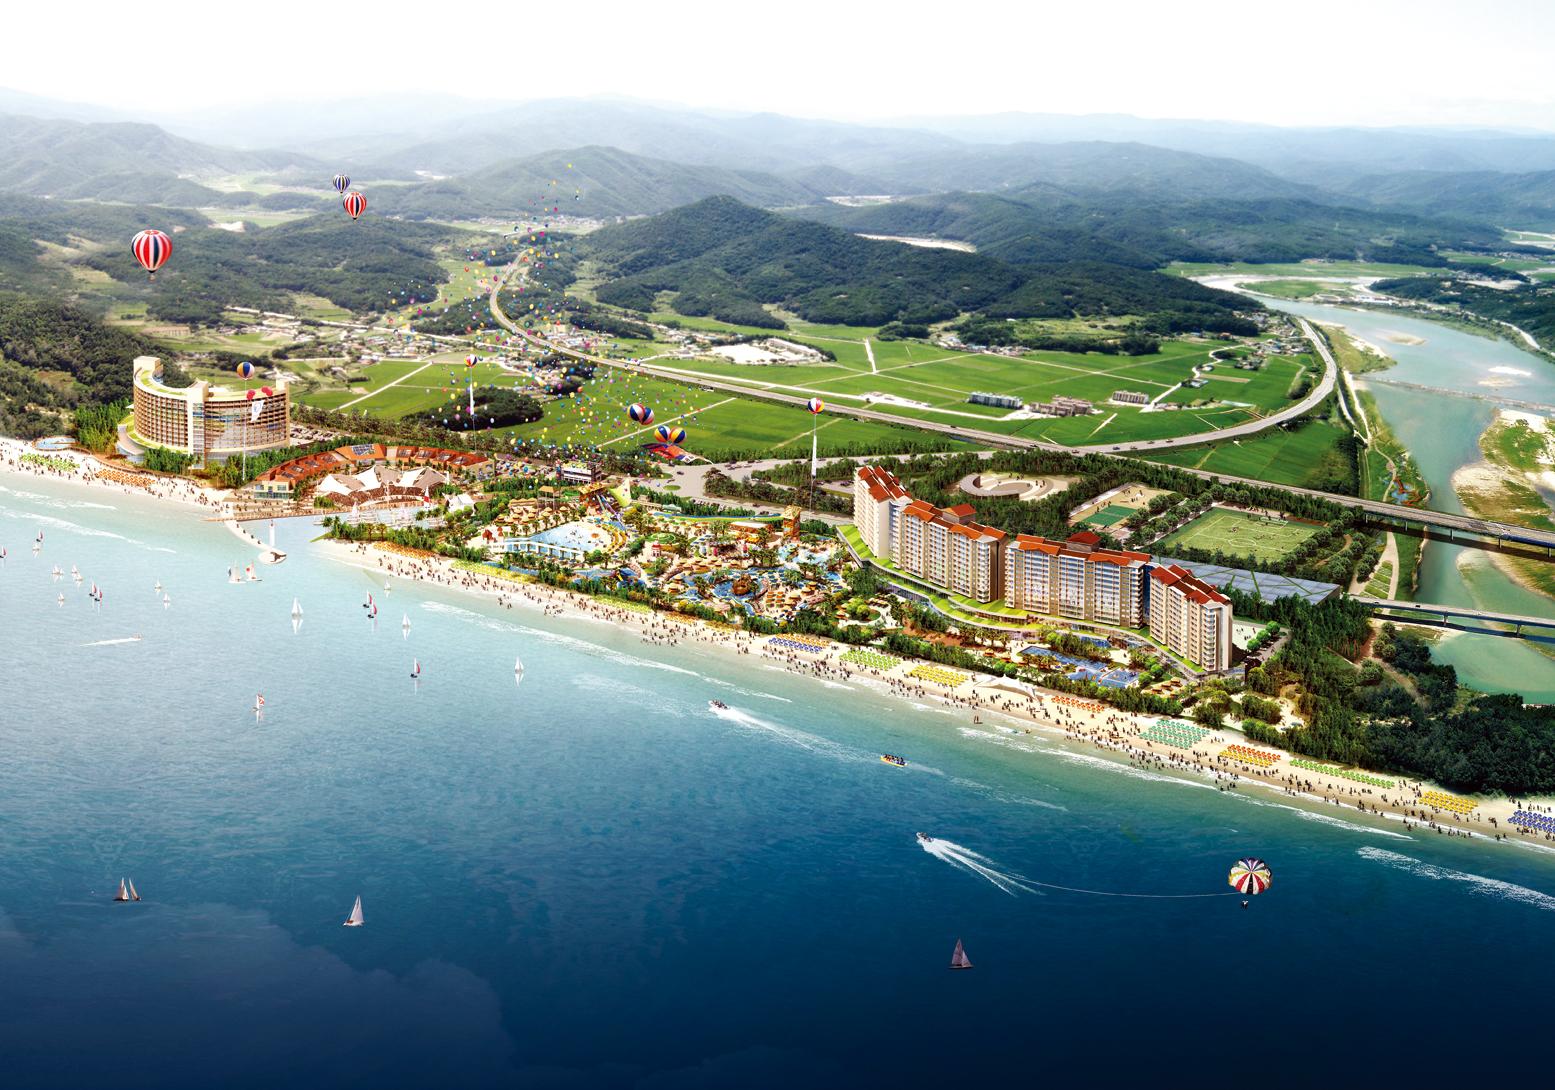 06_02.강릉 연곡 해수욕장 개발사업(2008)